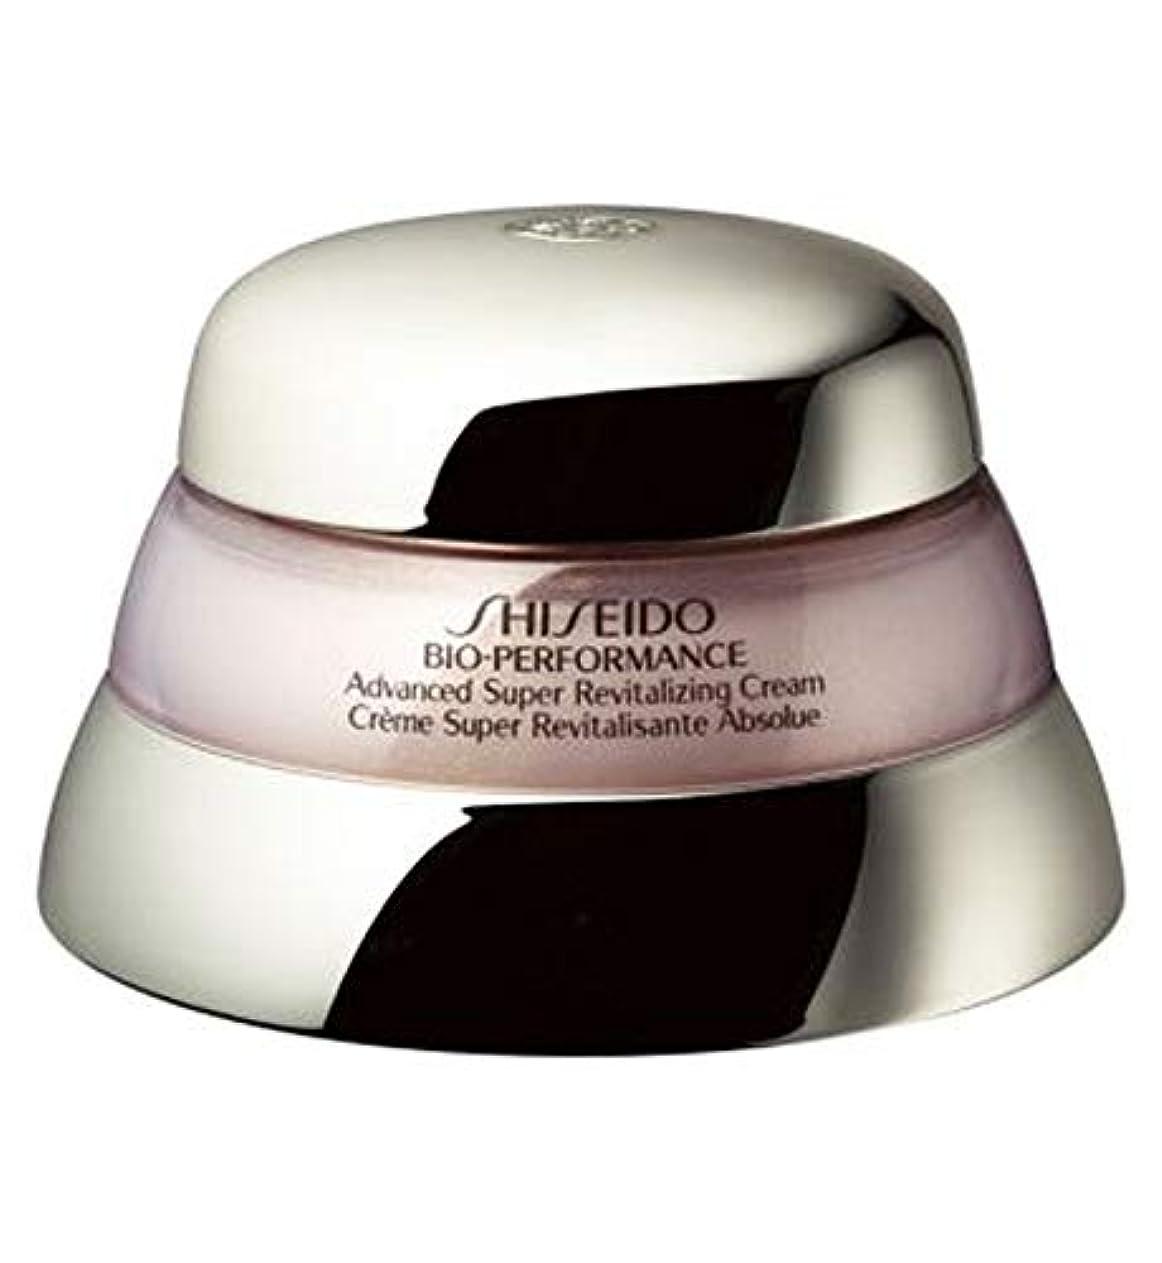 環境目を覚ます大佐[Shiseido] 資生堂バイオ - パフォーマンスがスーパーリバイタライジングクリーム50Mlを進めました - Shiseido Bio - Performance Advanced Super Revitalizing Cream 50ml [並行輸入品]